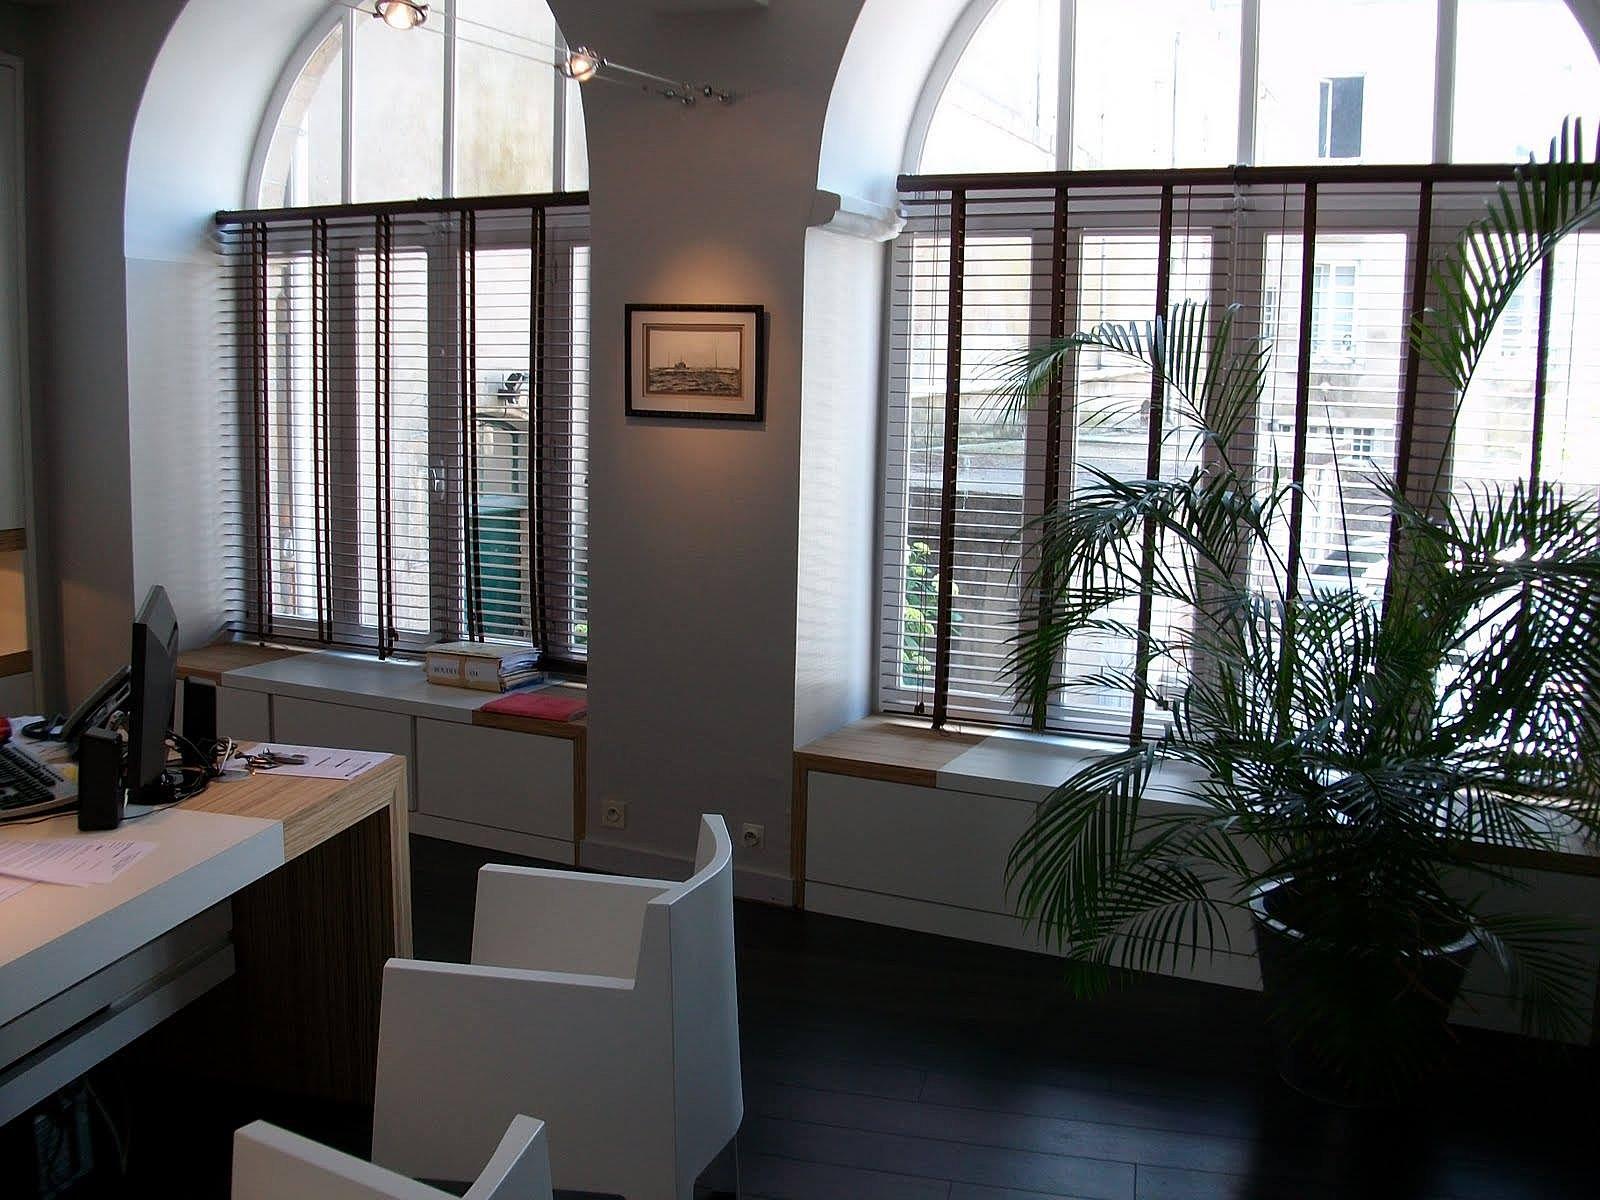 domicile fixe architecture int rieur d coration cabinet d 39 avocat. Black Bedroom Furniture Sets. Home Design Ideas